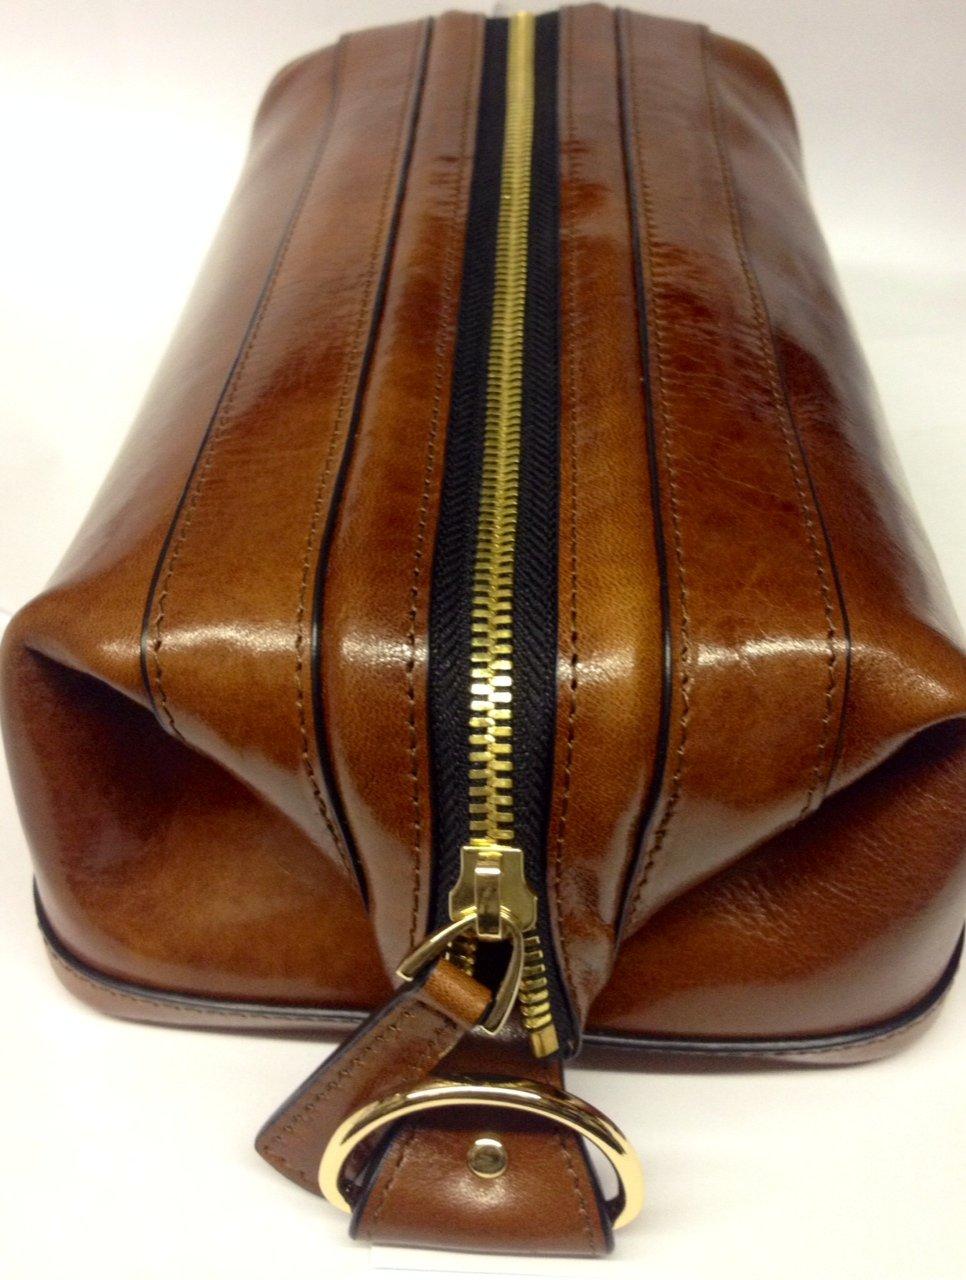 Bosca Men's Utilikit Amber Luggage Accessory